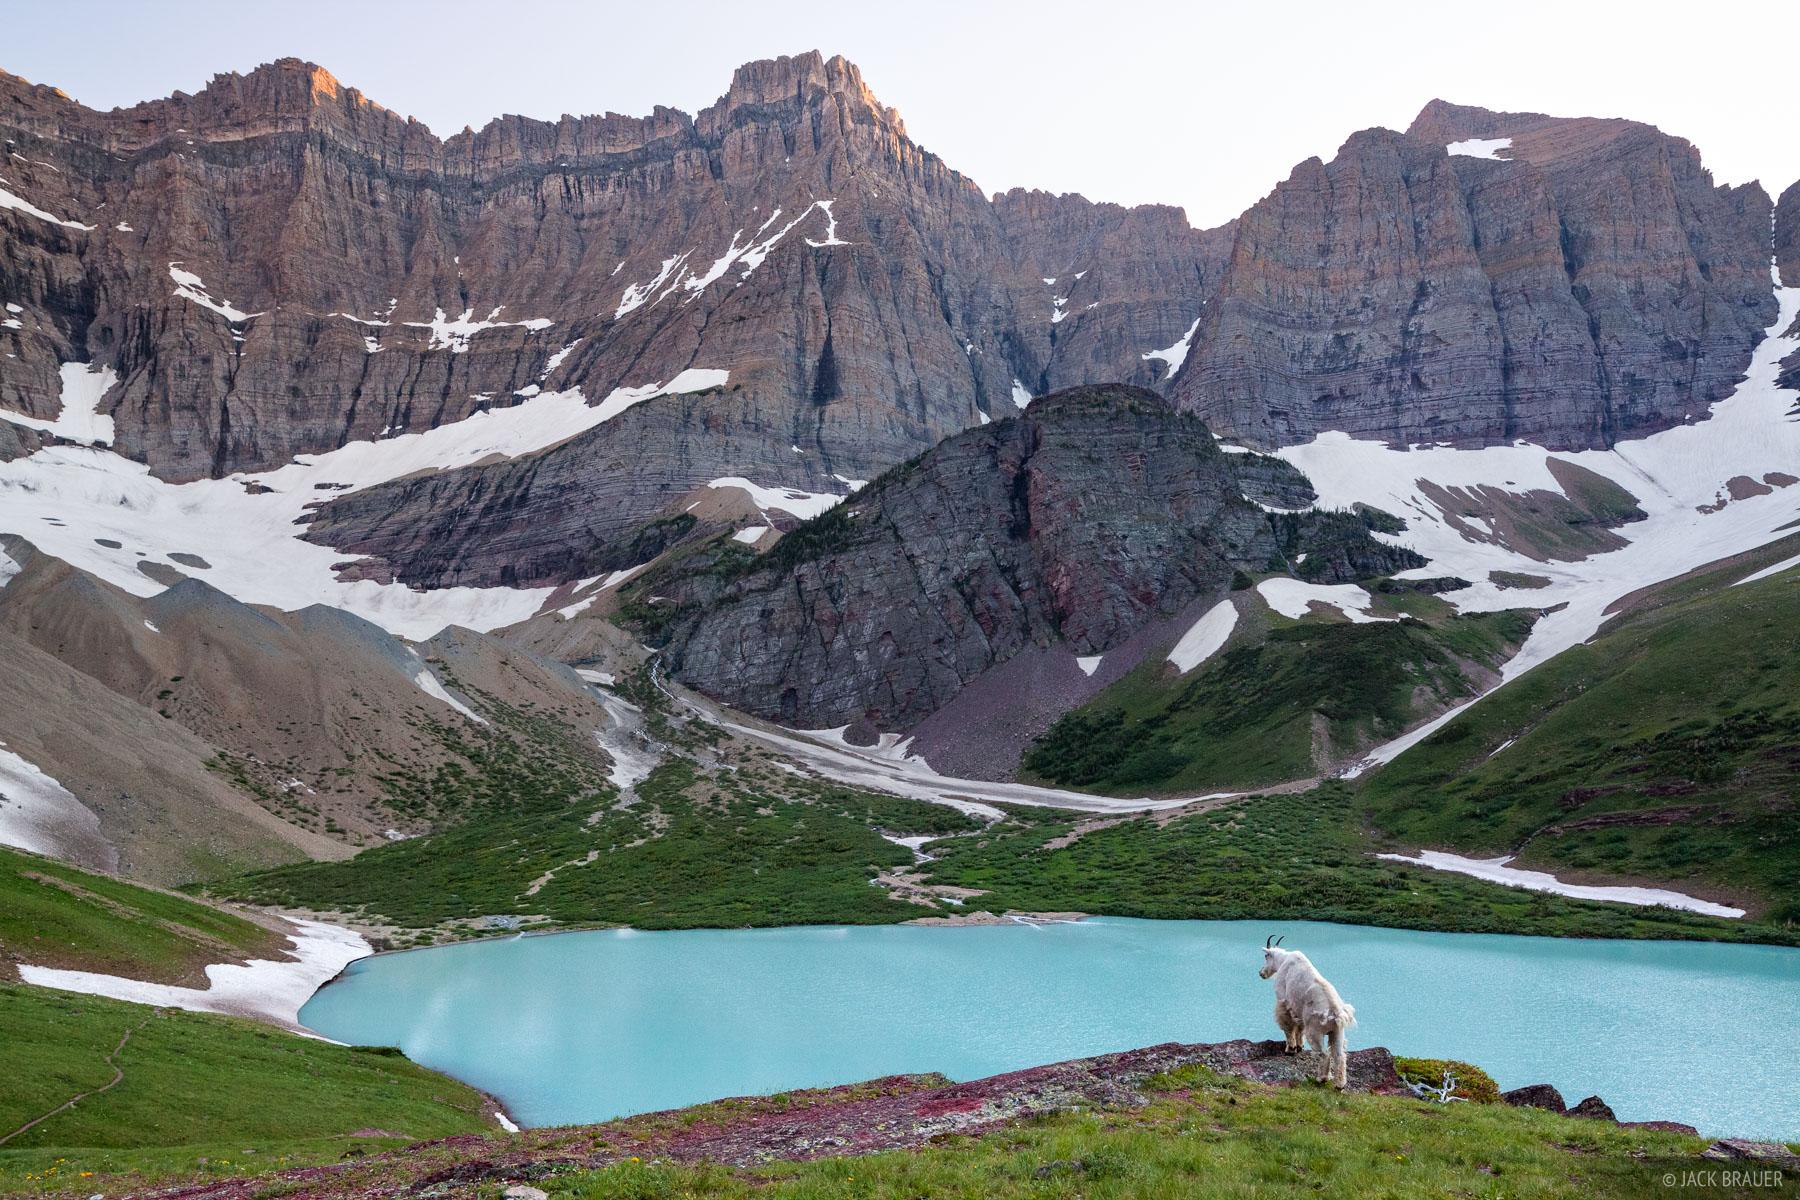 A resident mountain goat surveys the scene at Cracker Lake.